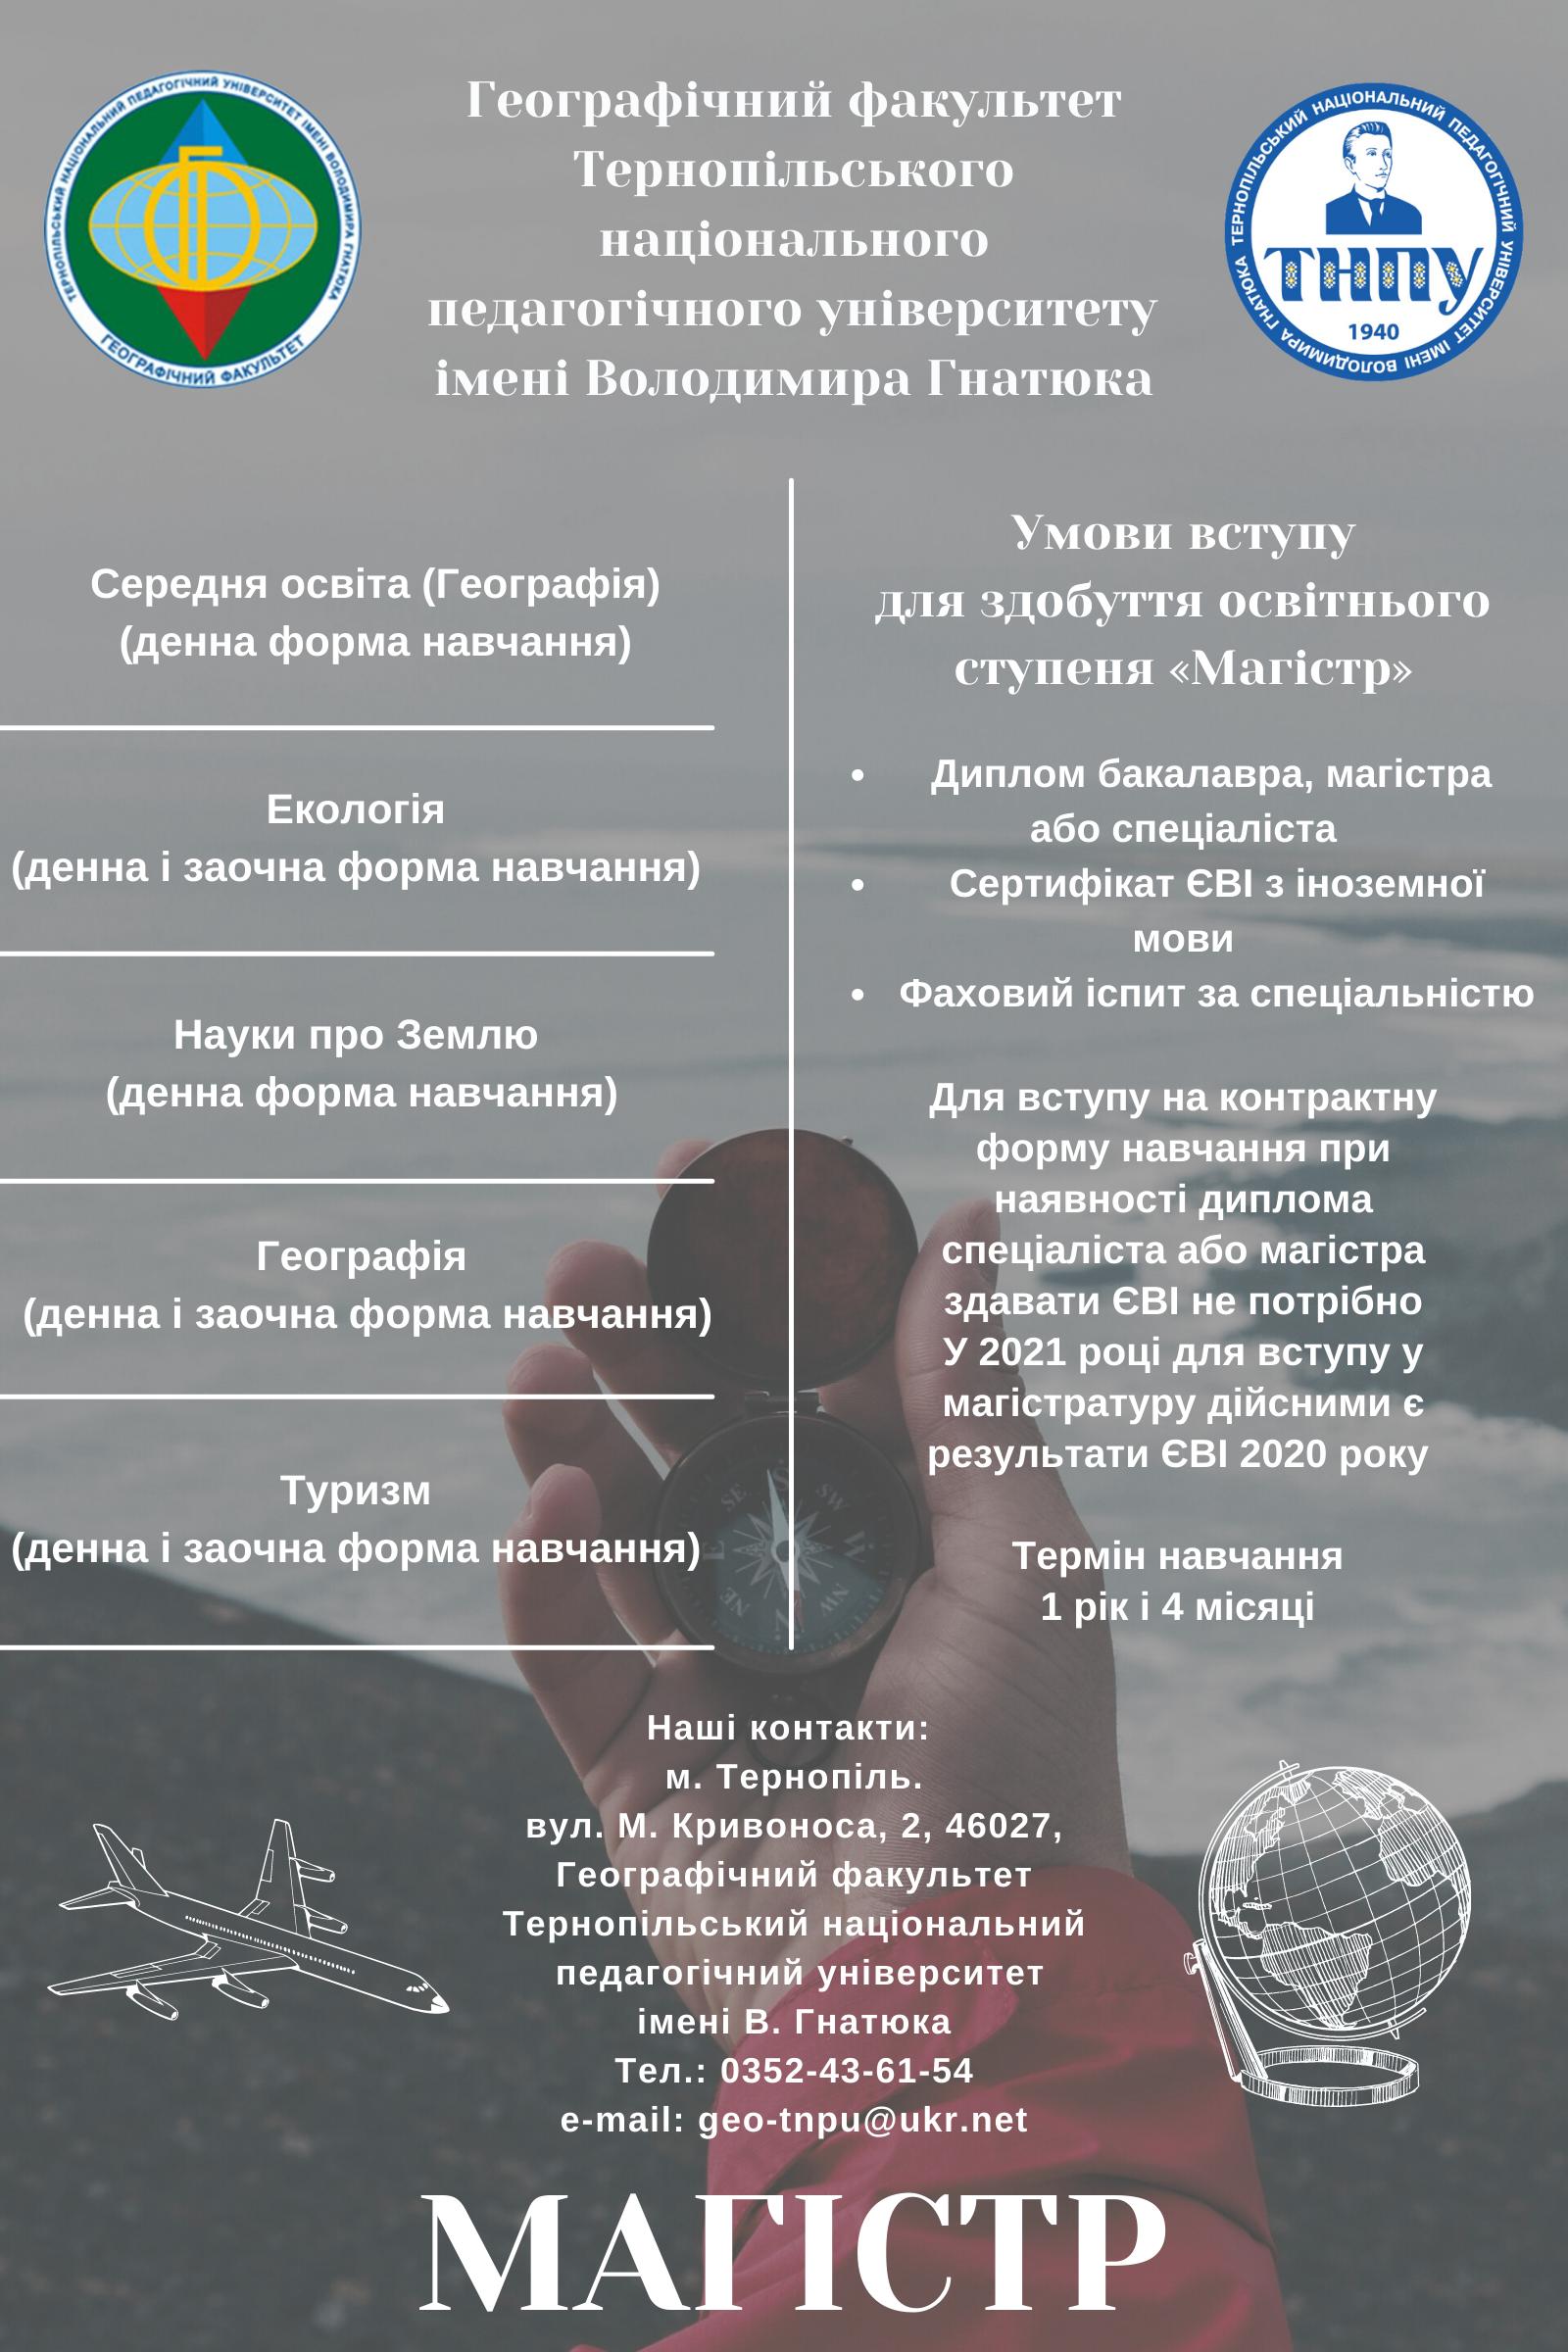 Флаєр_ГФ_Магістр_2021.